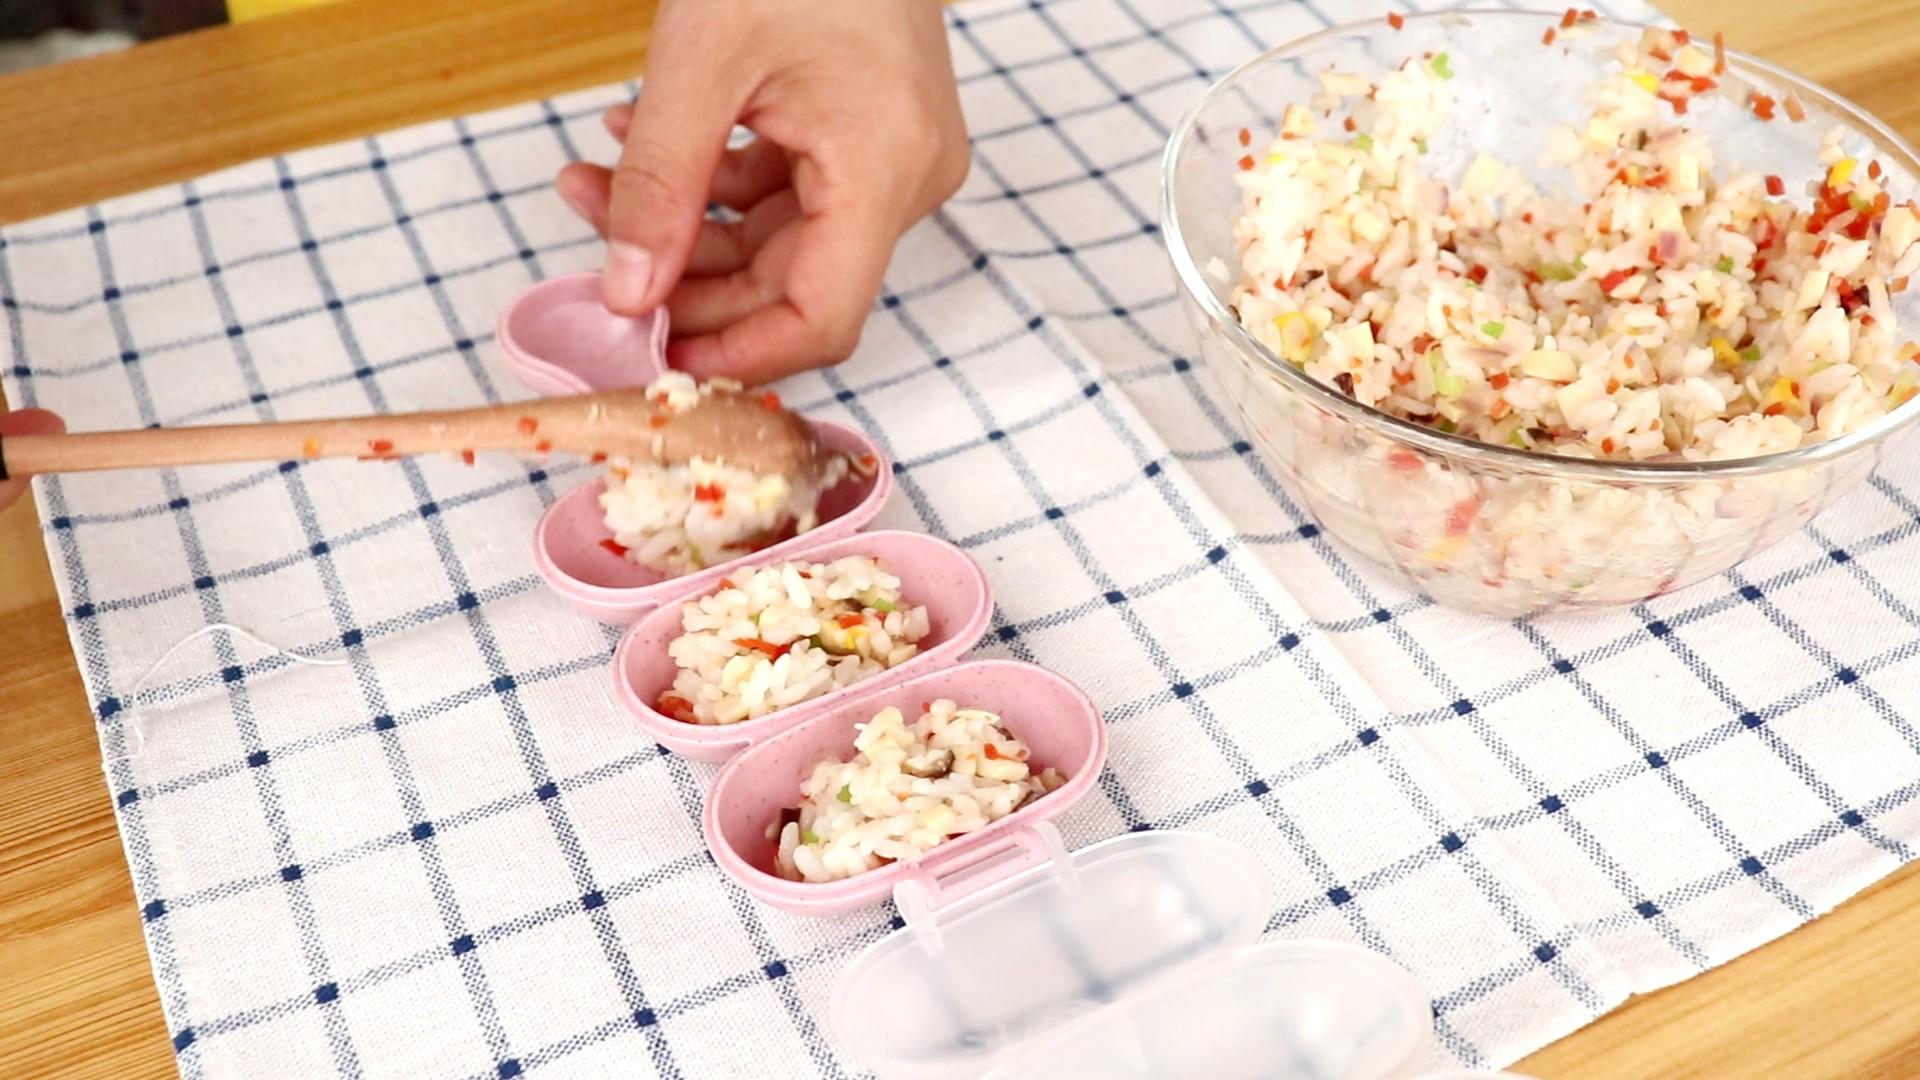 时蔬火腿饭团,放入摇饭器中,摇一摇</p> <p>tips:摇饭器简直是神器,建议常做饭团的宝妈入一个,可比用保鲜膜捏饭团快多了,还不沾手